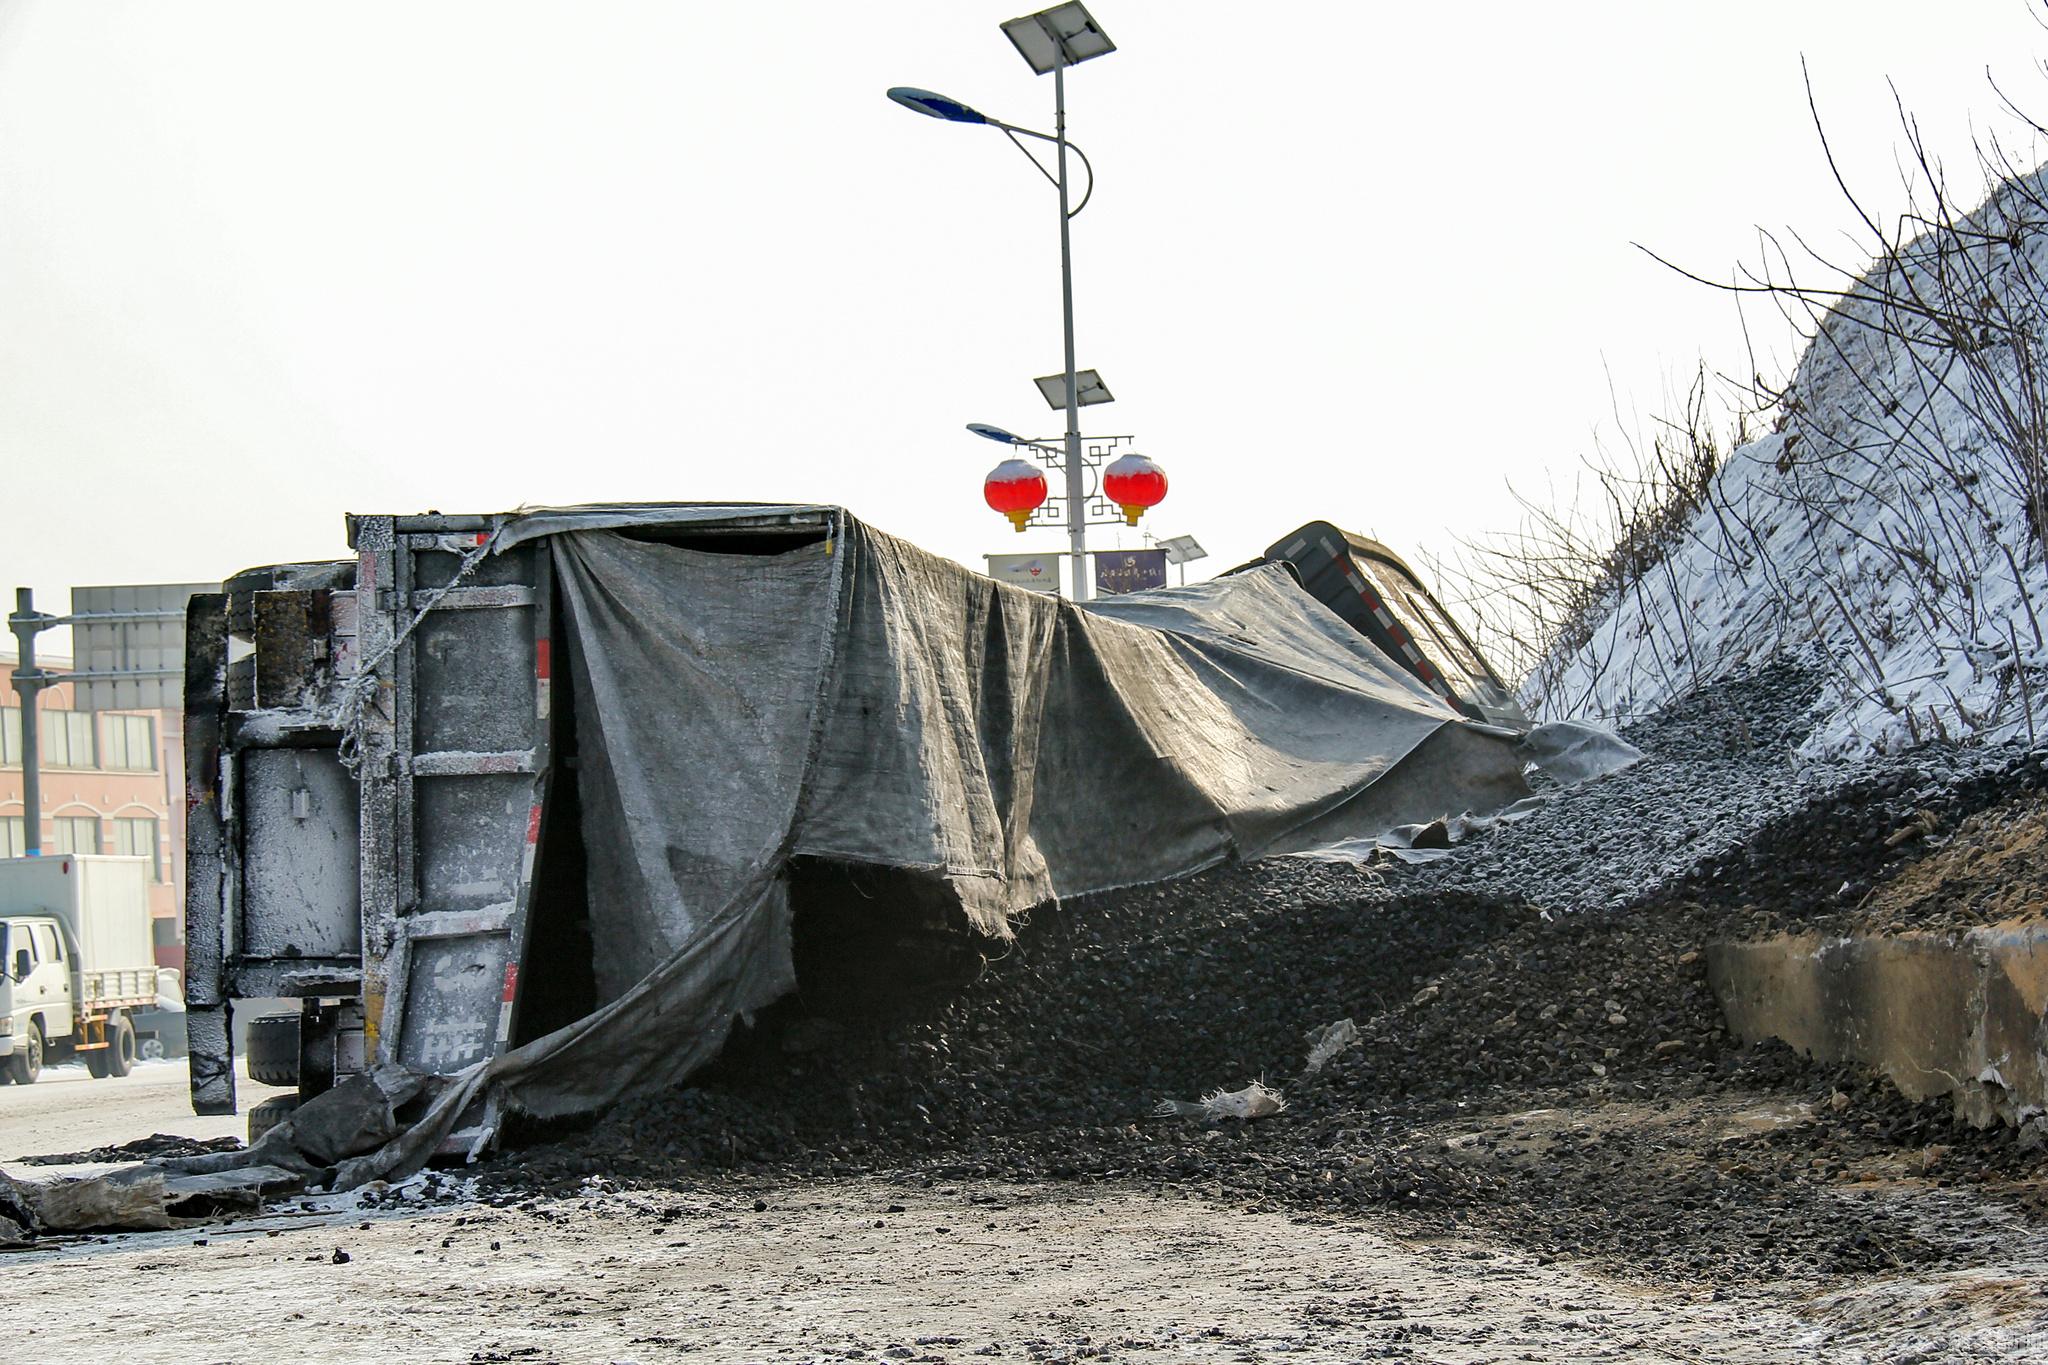 辽宁一载煤挂车雪地侧翻